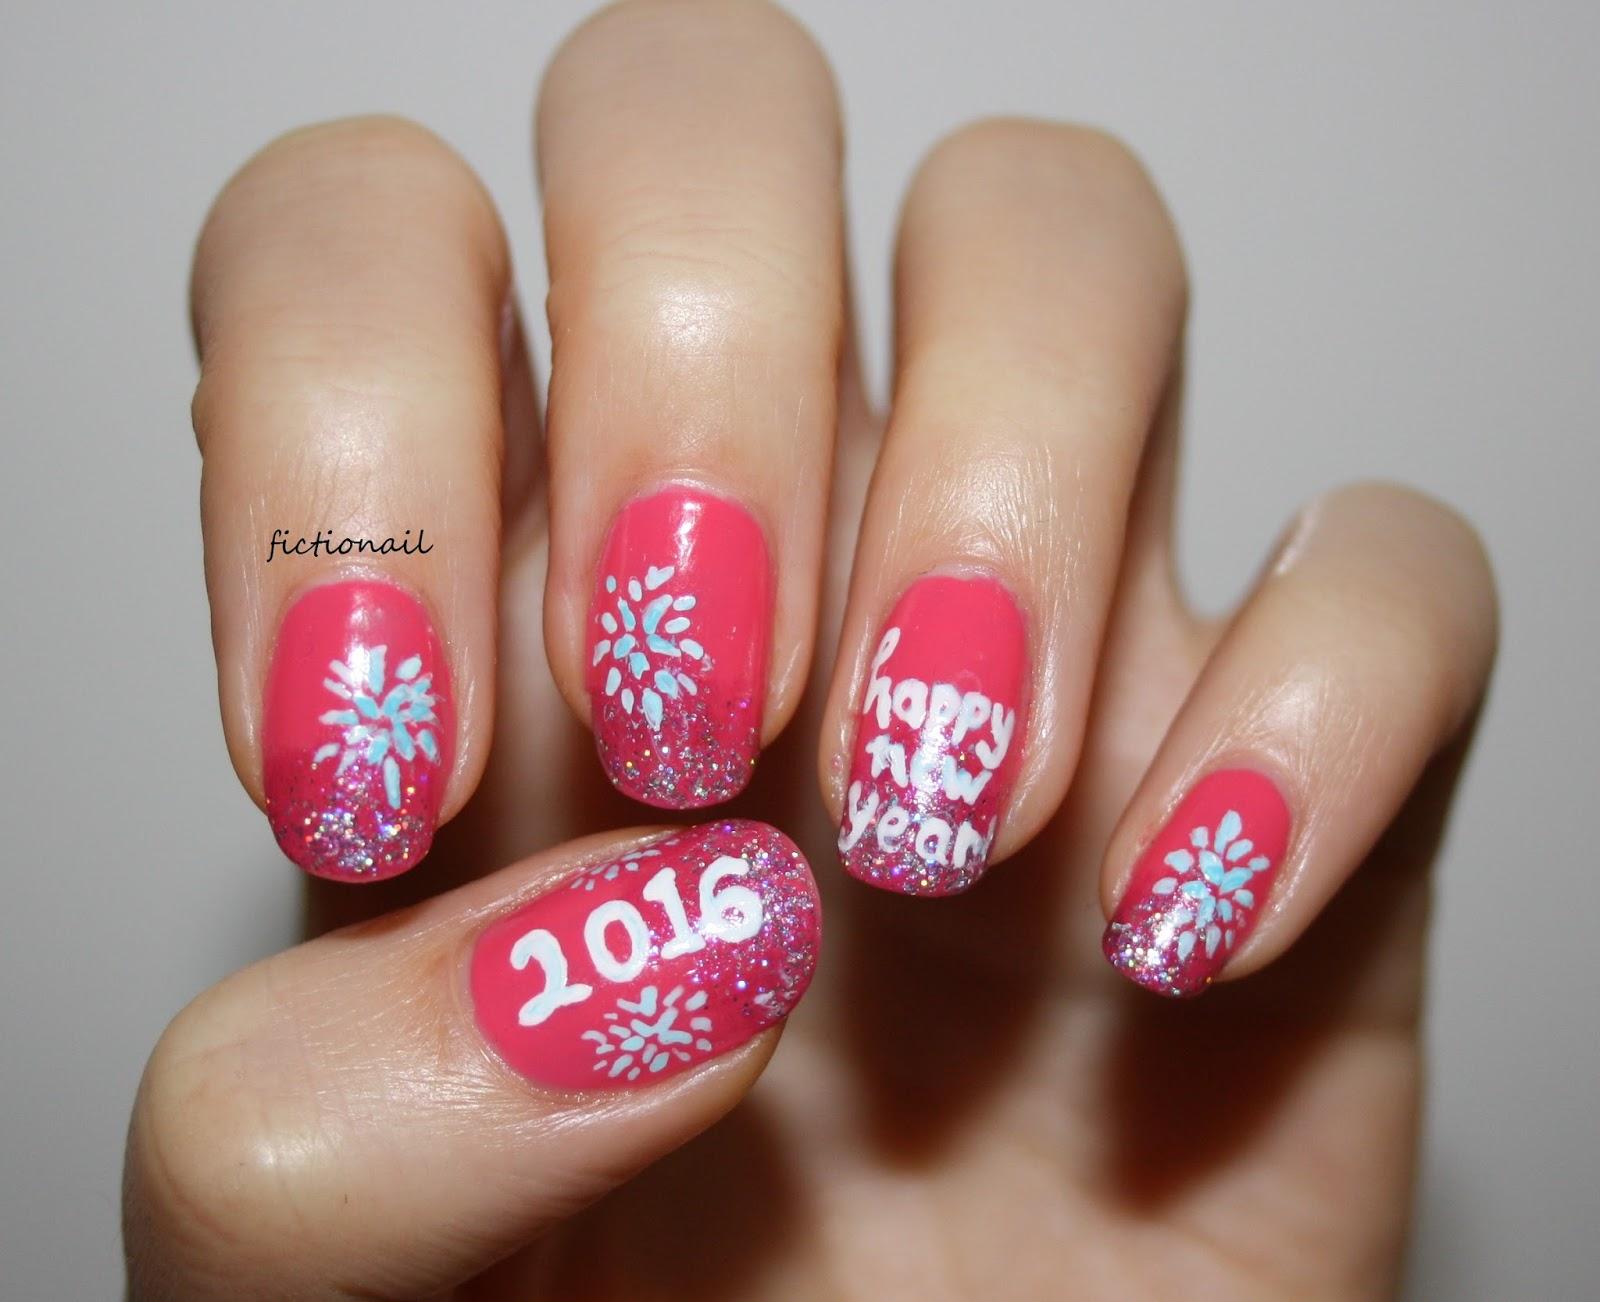 Happy New Year Nails!